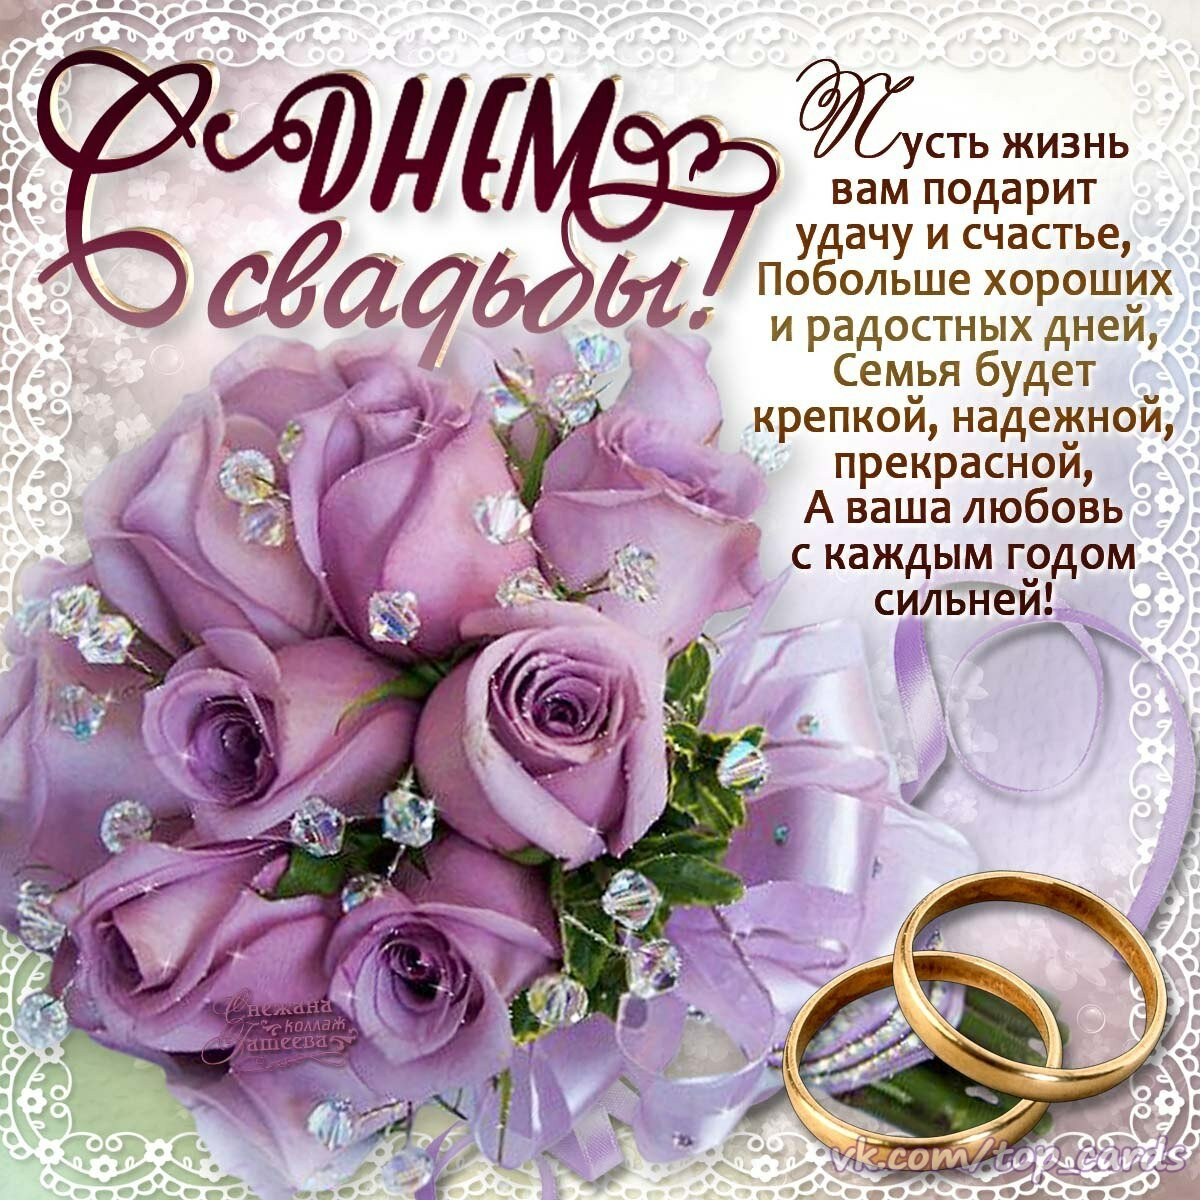 Год со дня свадьбы открытки красивые, феи винкс анимация